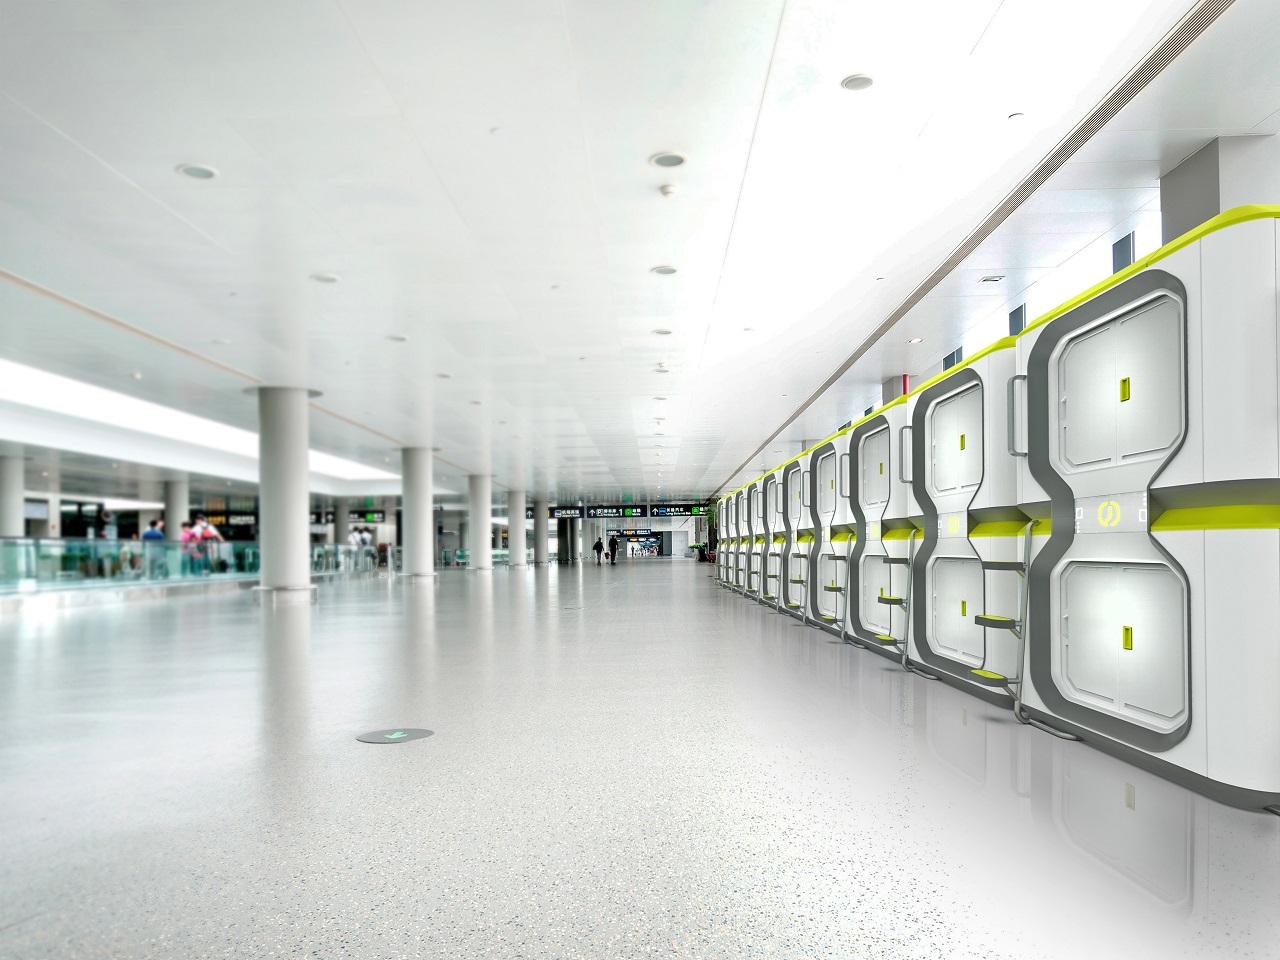 胶囊酒店太空舱图片-生产厂家6.jpg